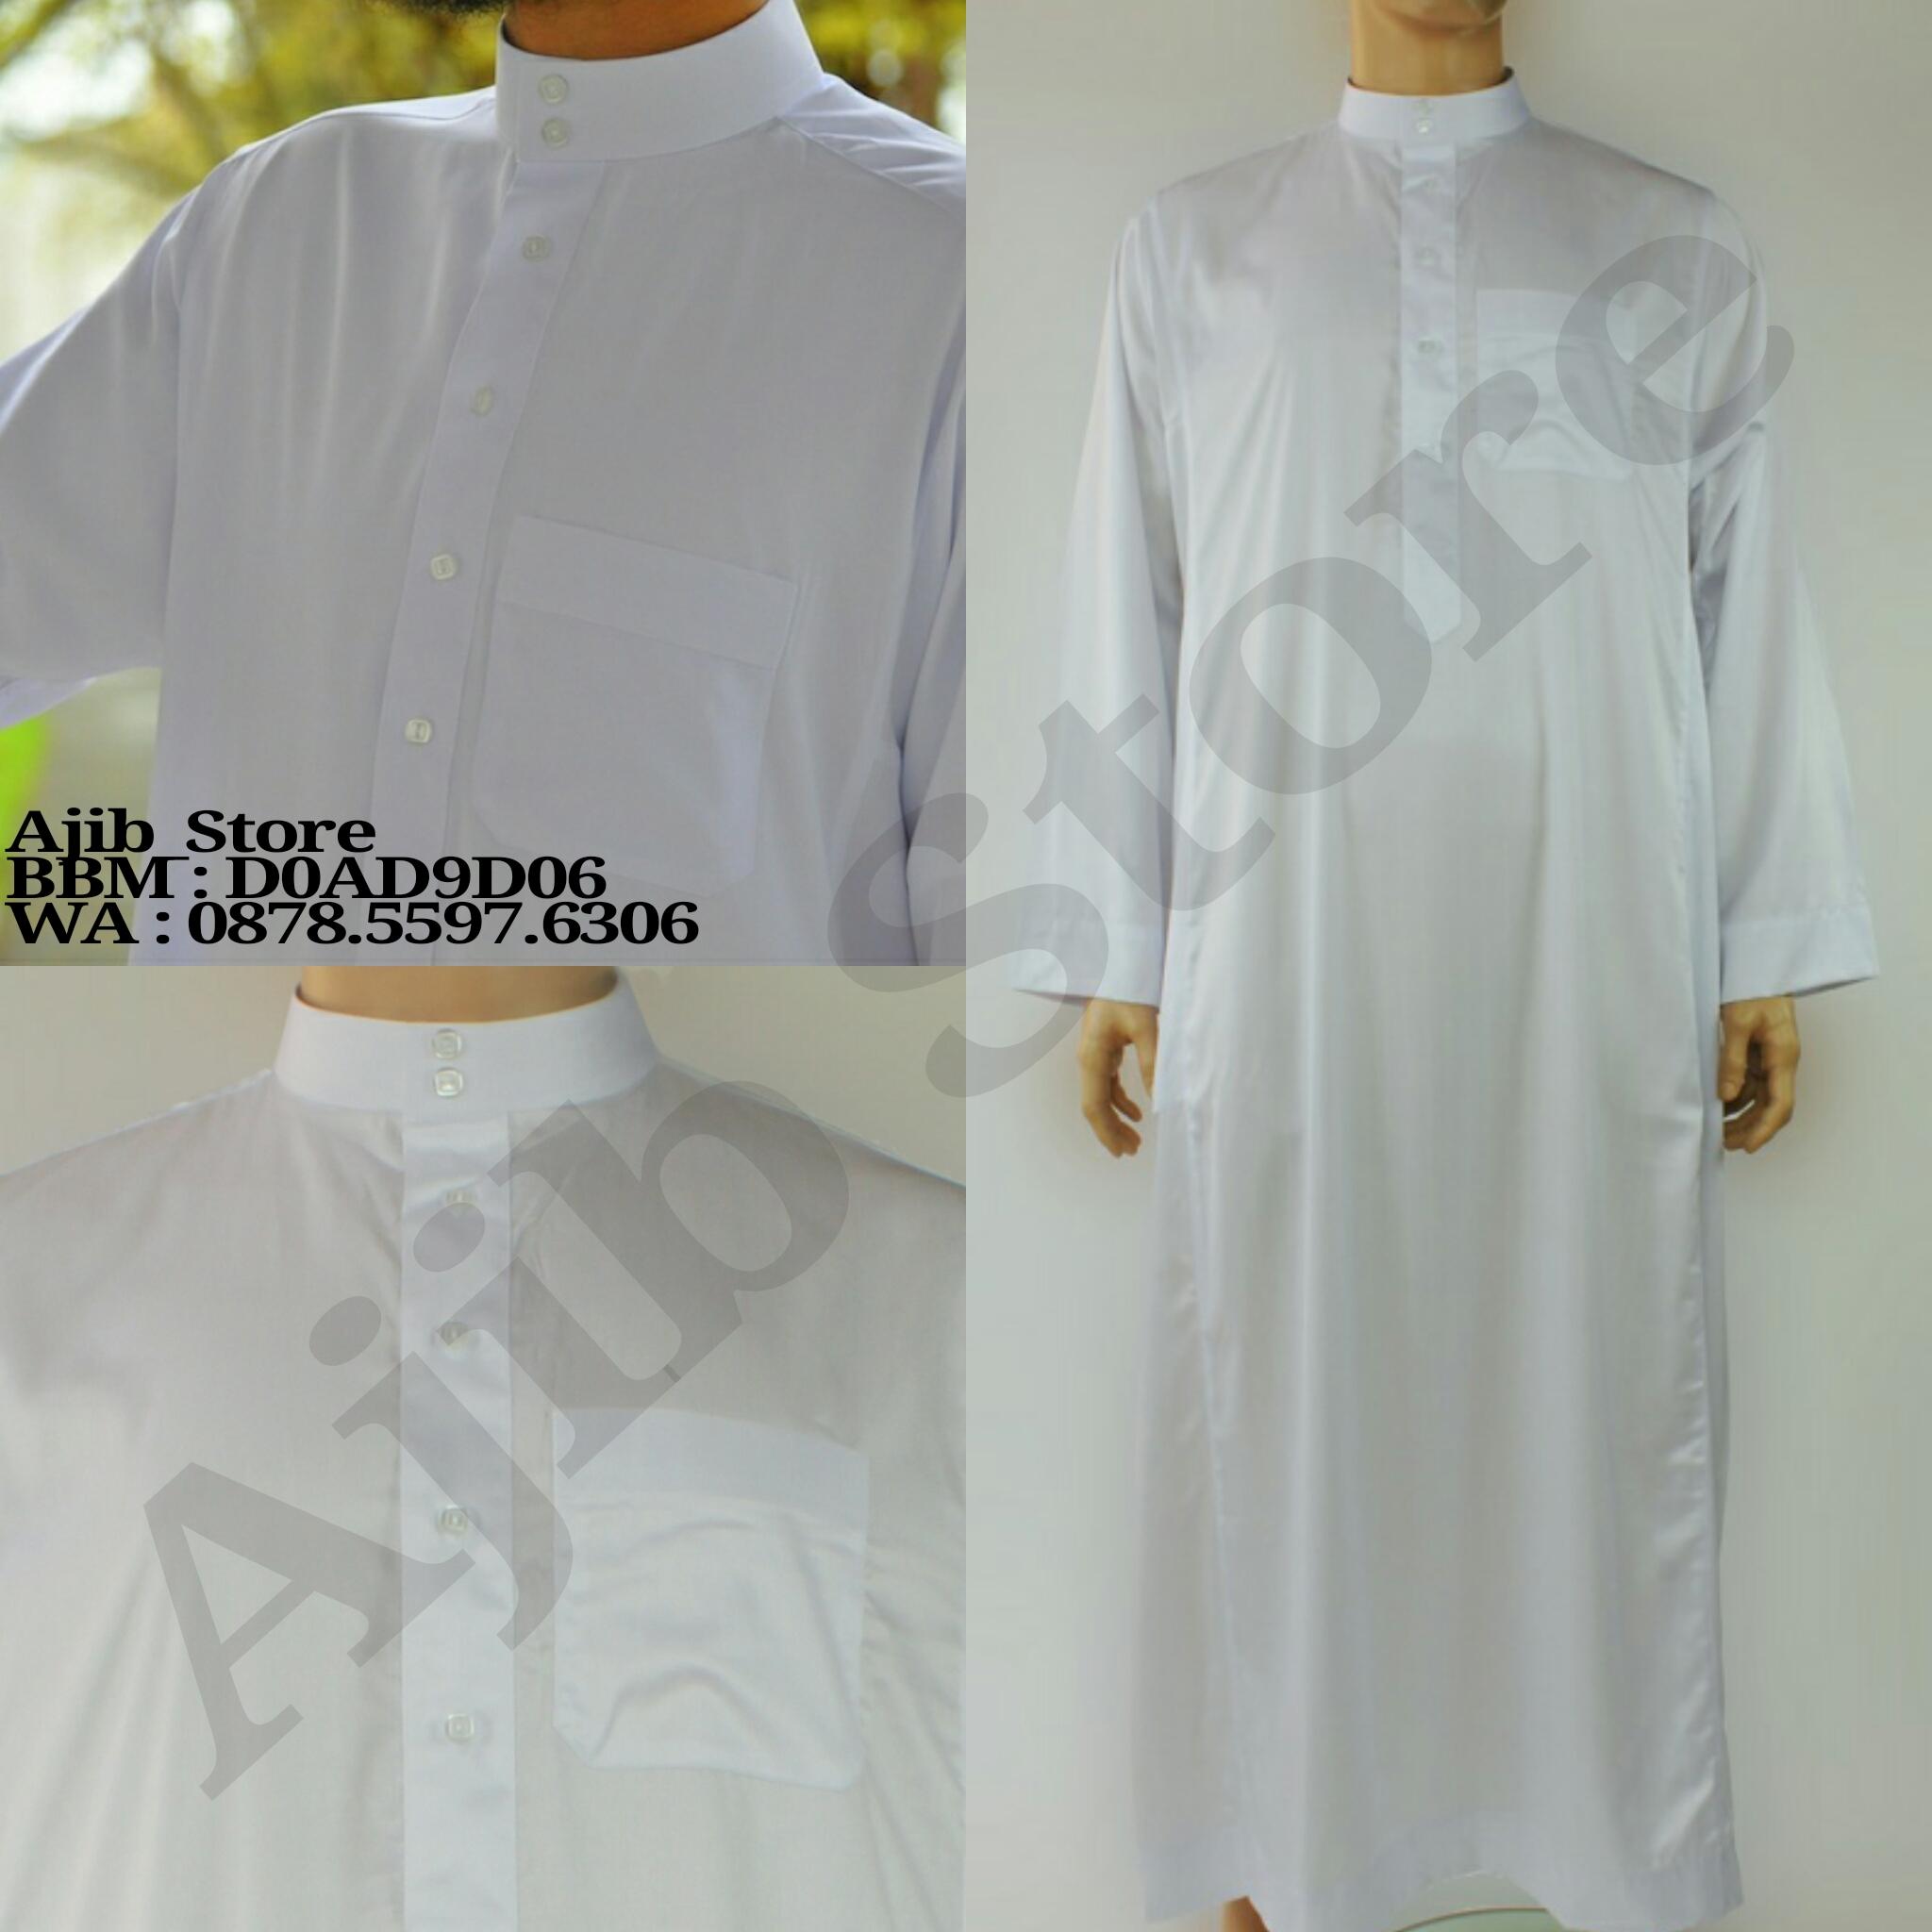 jual import jubah alharamain al haramain baju gamis arab